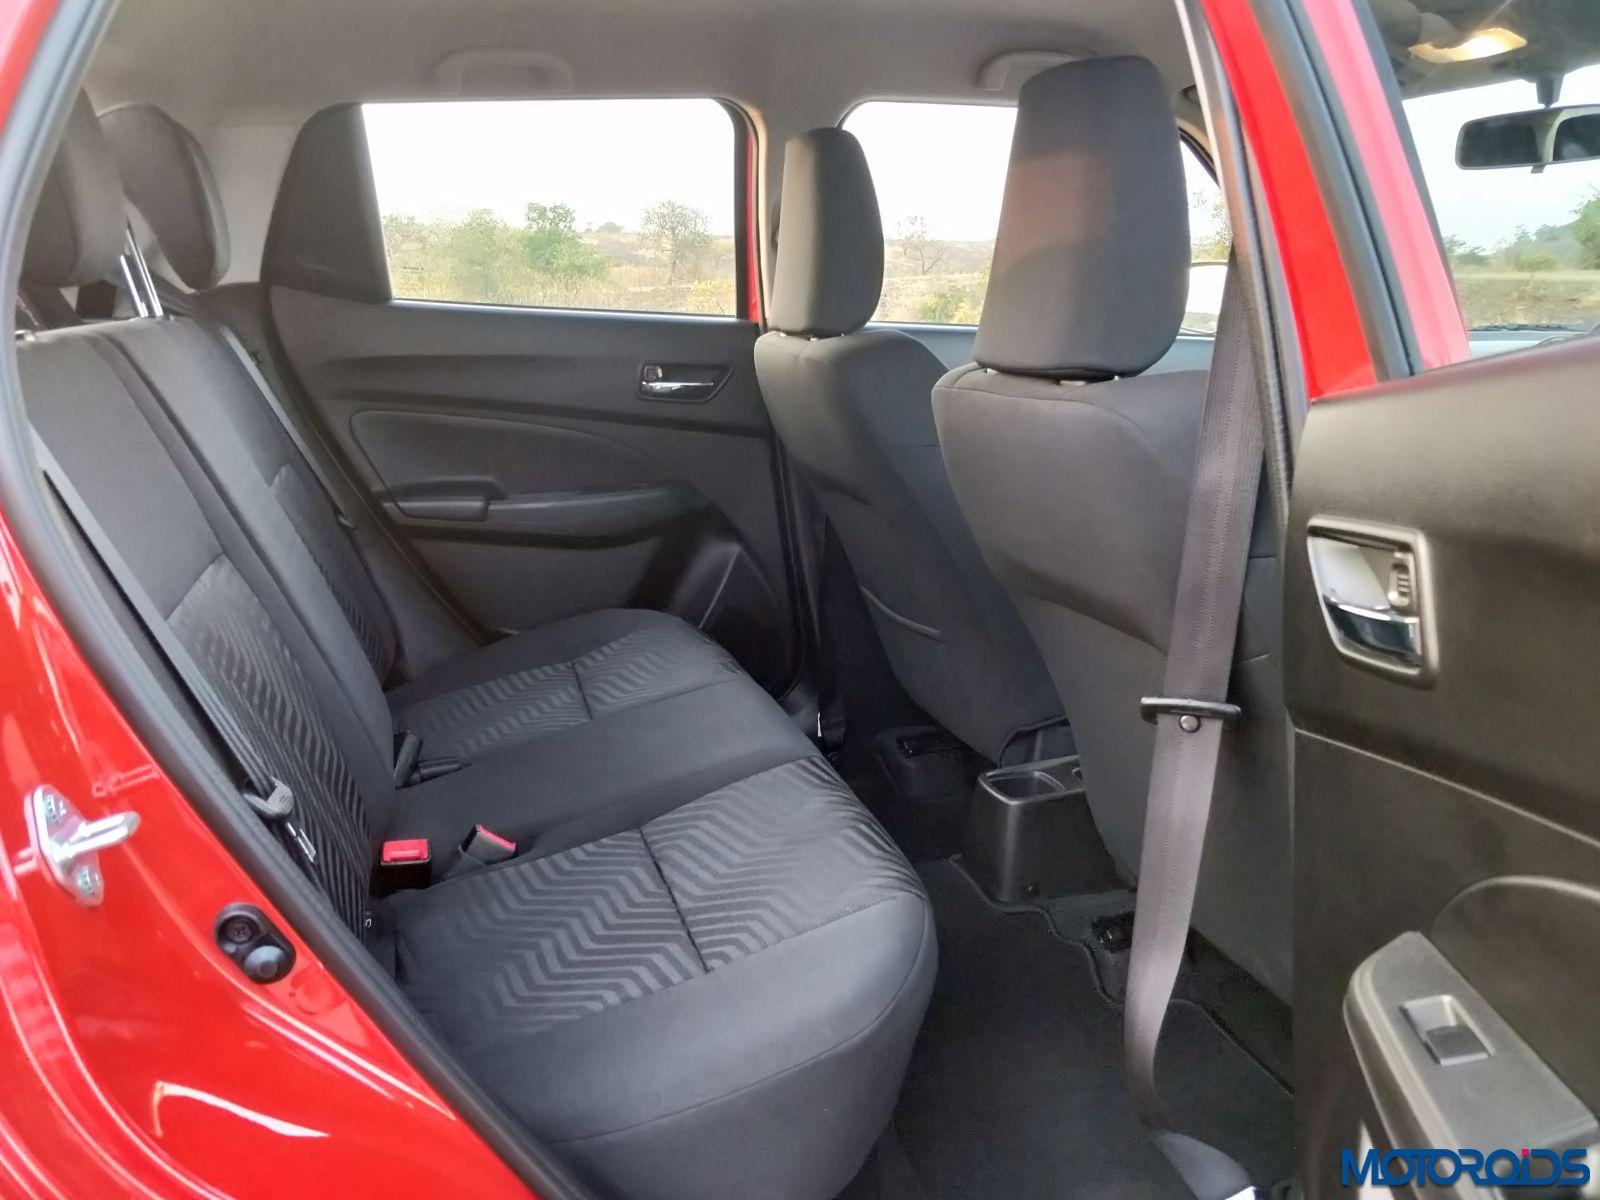 New-2018-Maruti-Suzuki-Swift-First-Drive-29